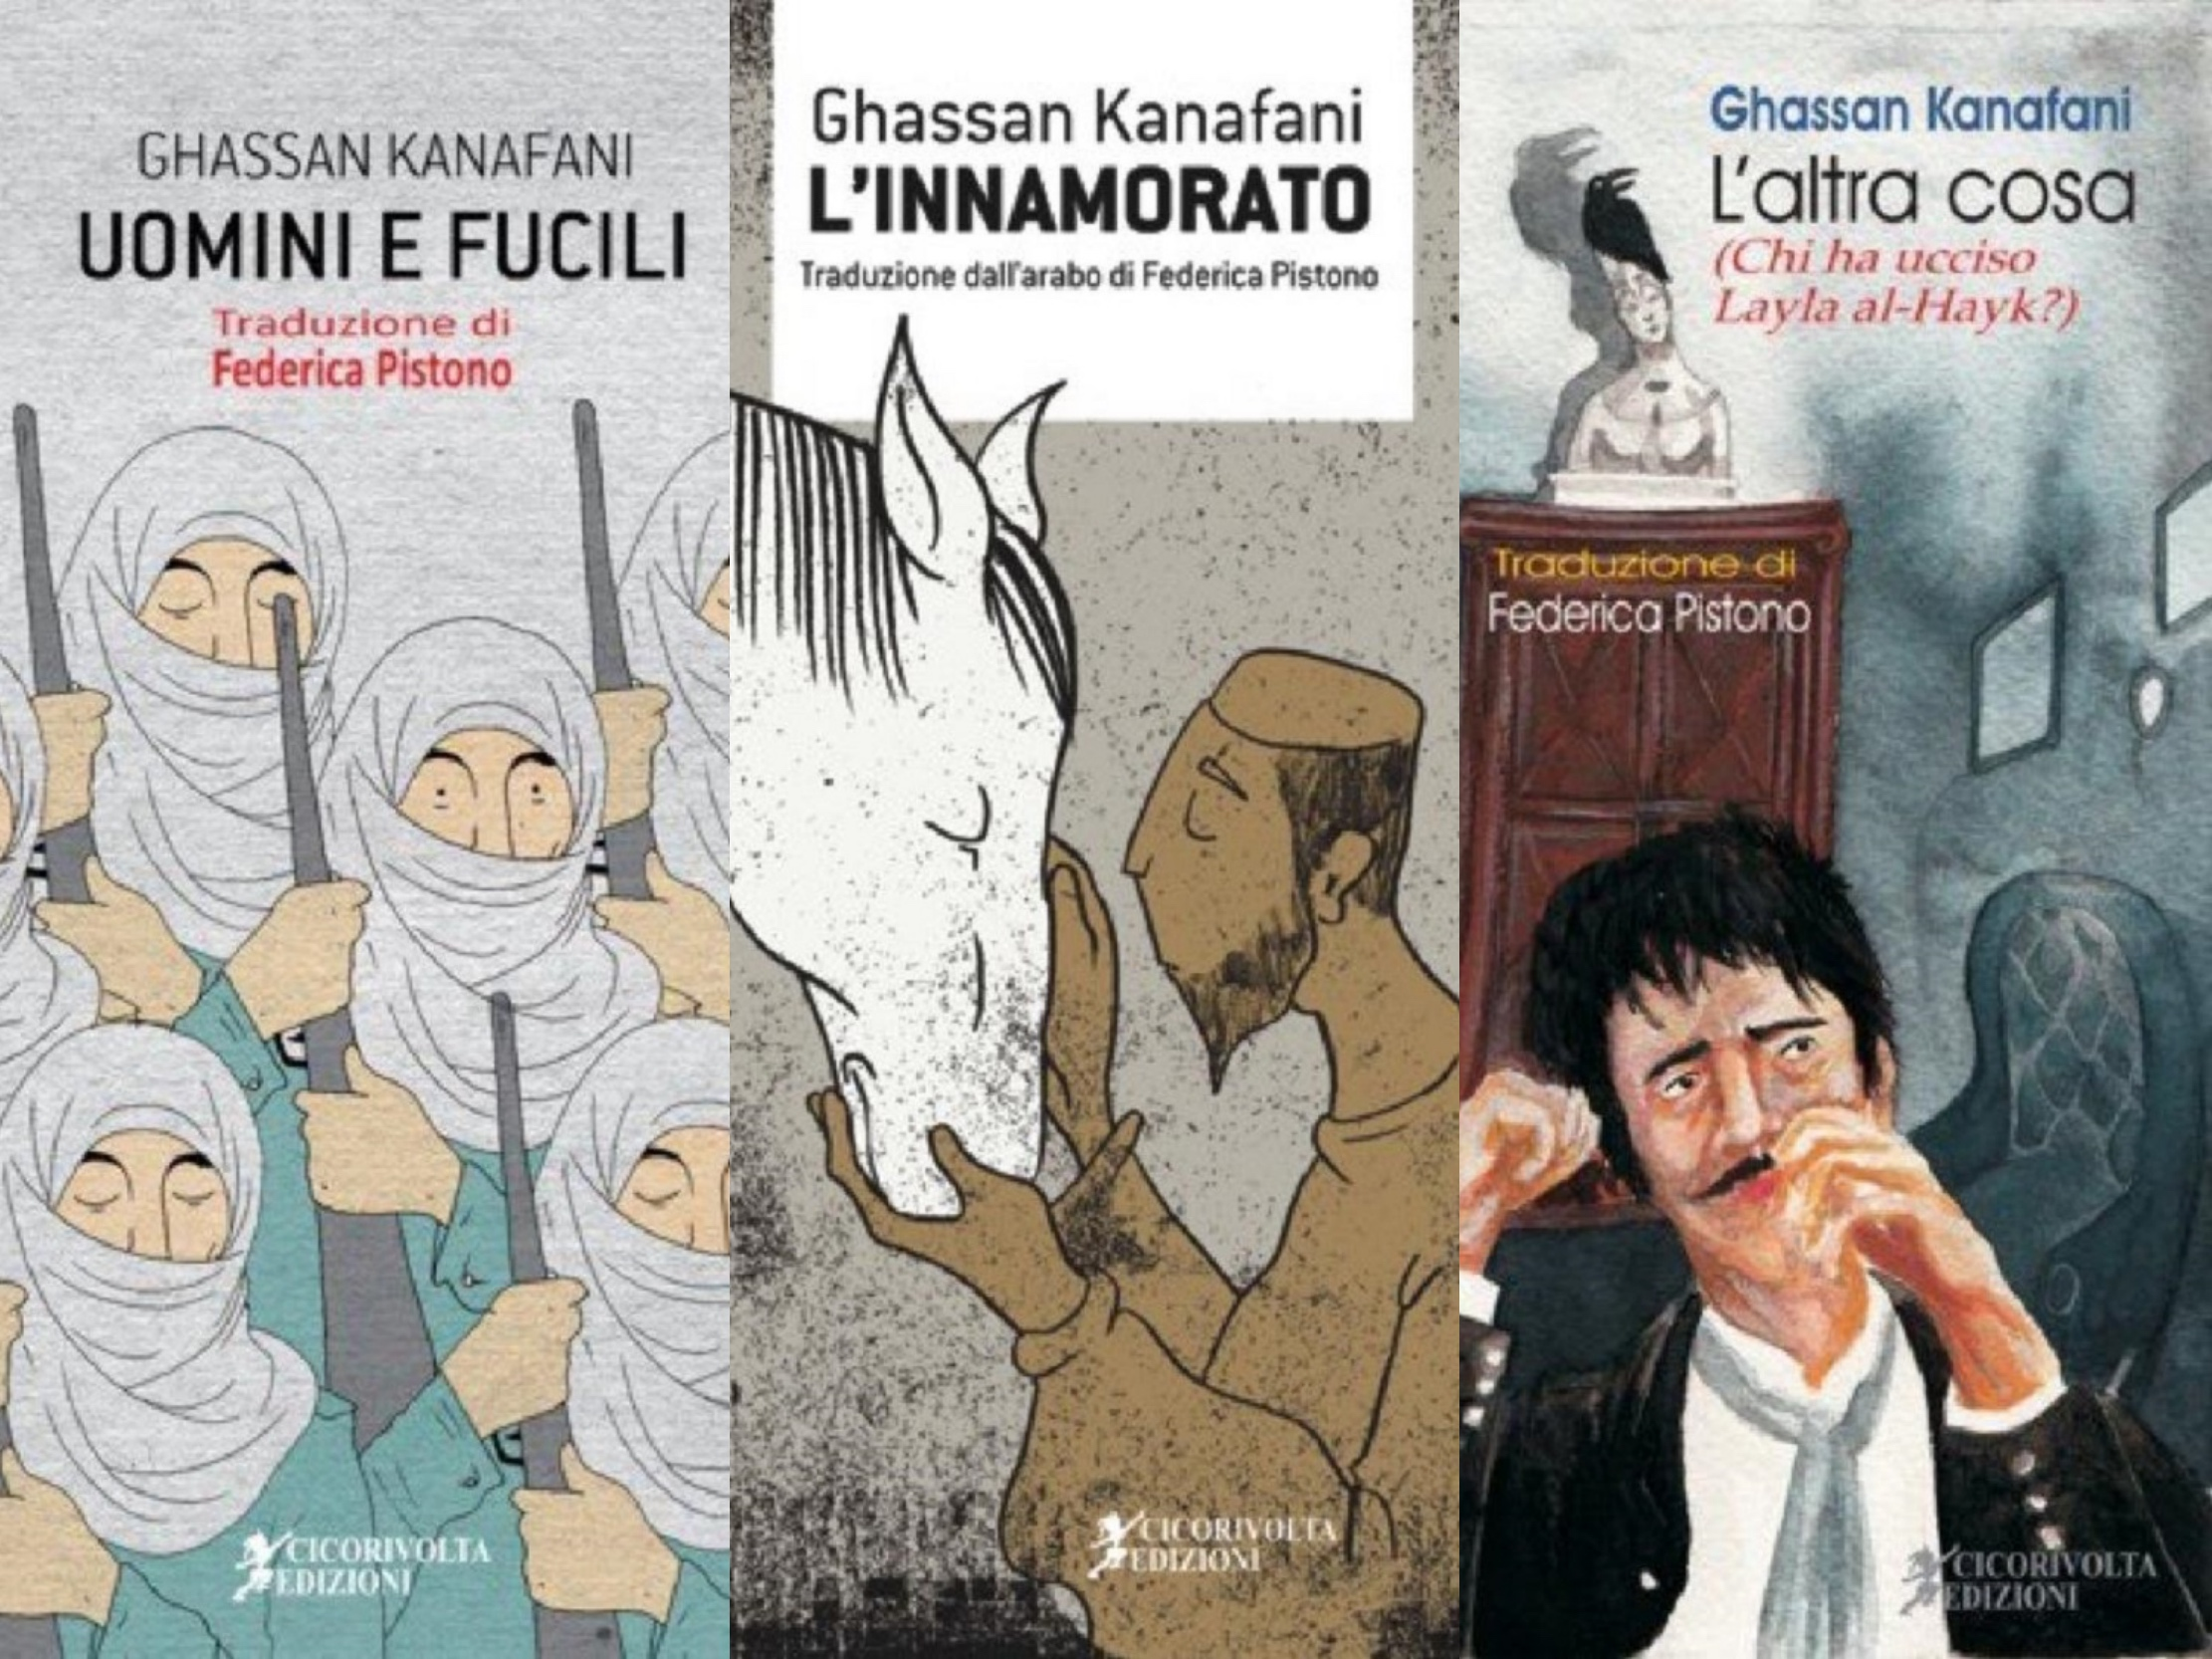 الإيطالية فيدريكا بيستونو: ترجمت ثلاثة أعمال لكنفاني لأني أحببت كتاباته